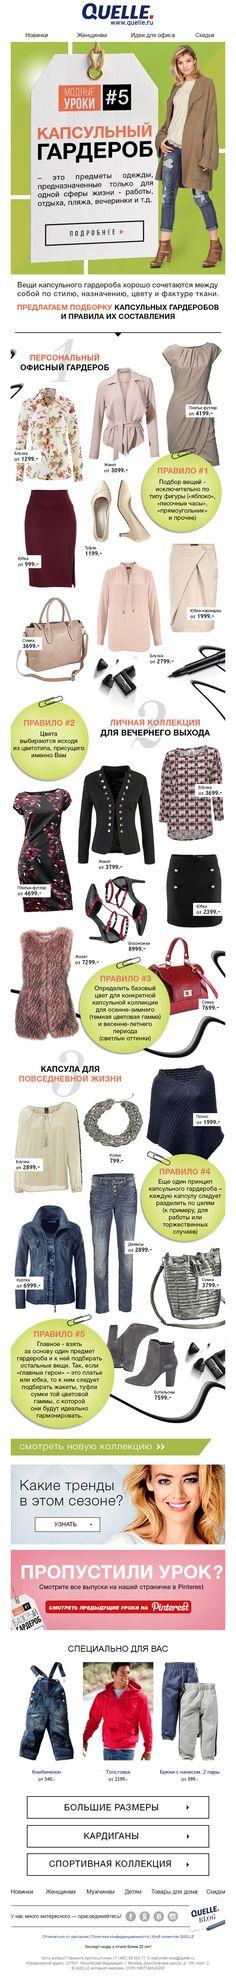 модные уроки, уроки моды, капсульный гардероб, мода, одежда, лук, look, fashion